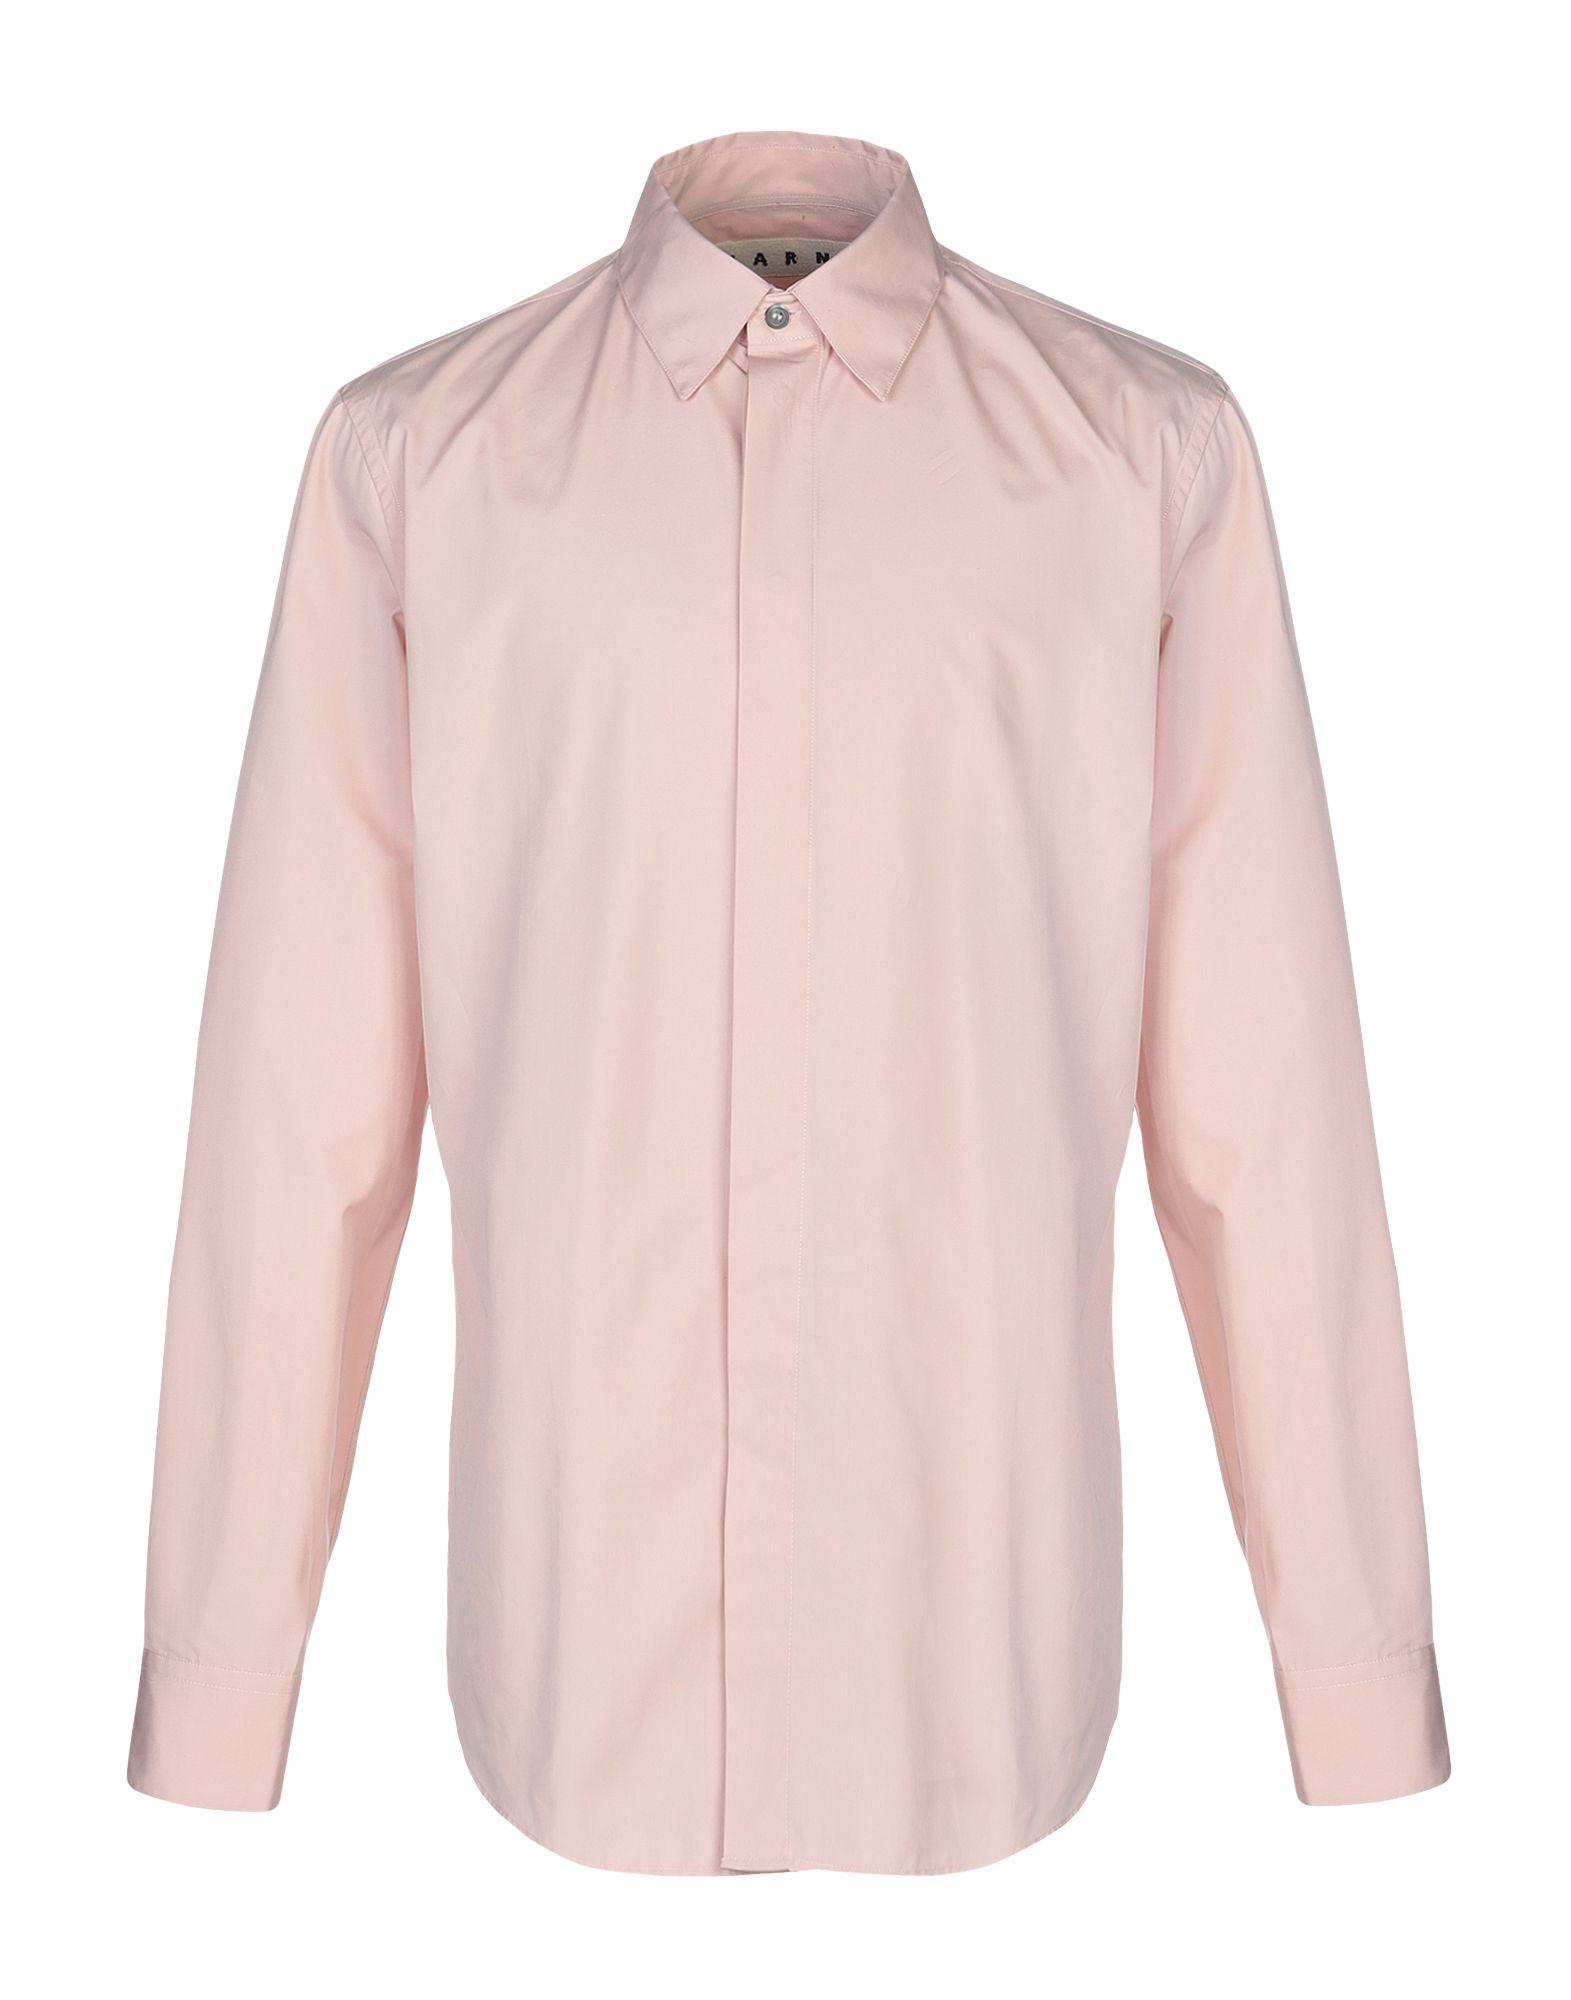 《送料無料》MARNI メンズ シャツ ピンク 52 コットン 100%